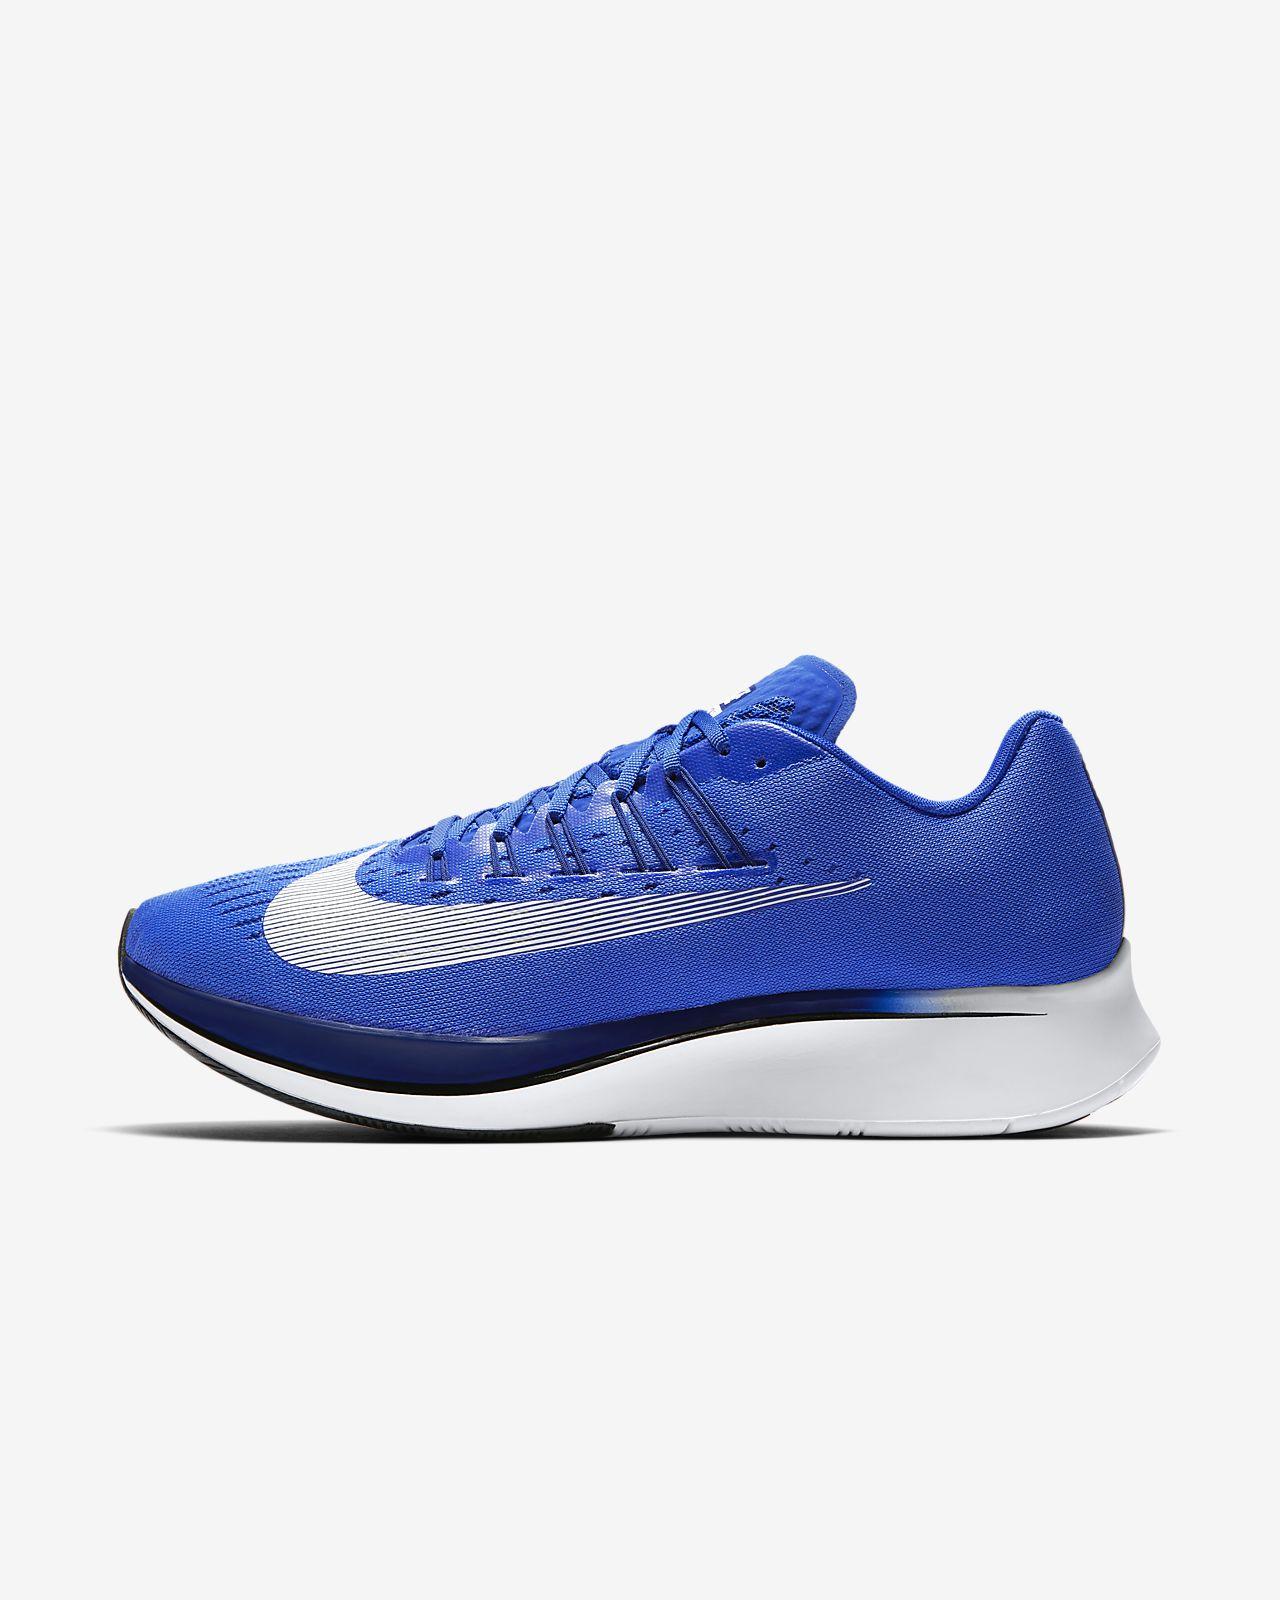 SNEAKERS di Nike Tg. de 47 NERO Uomo 1 e 6 dded